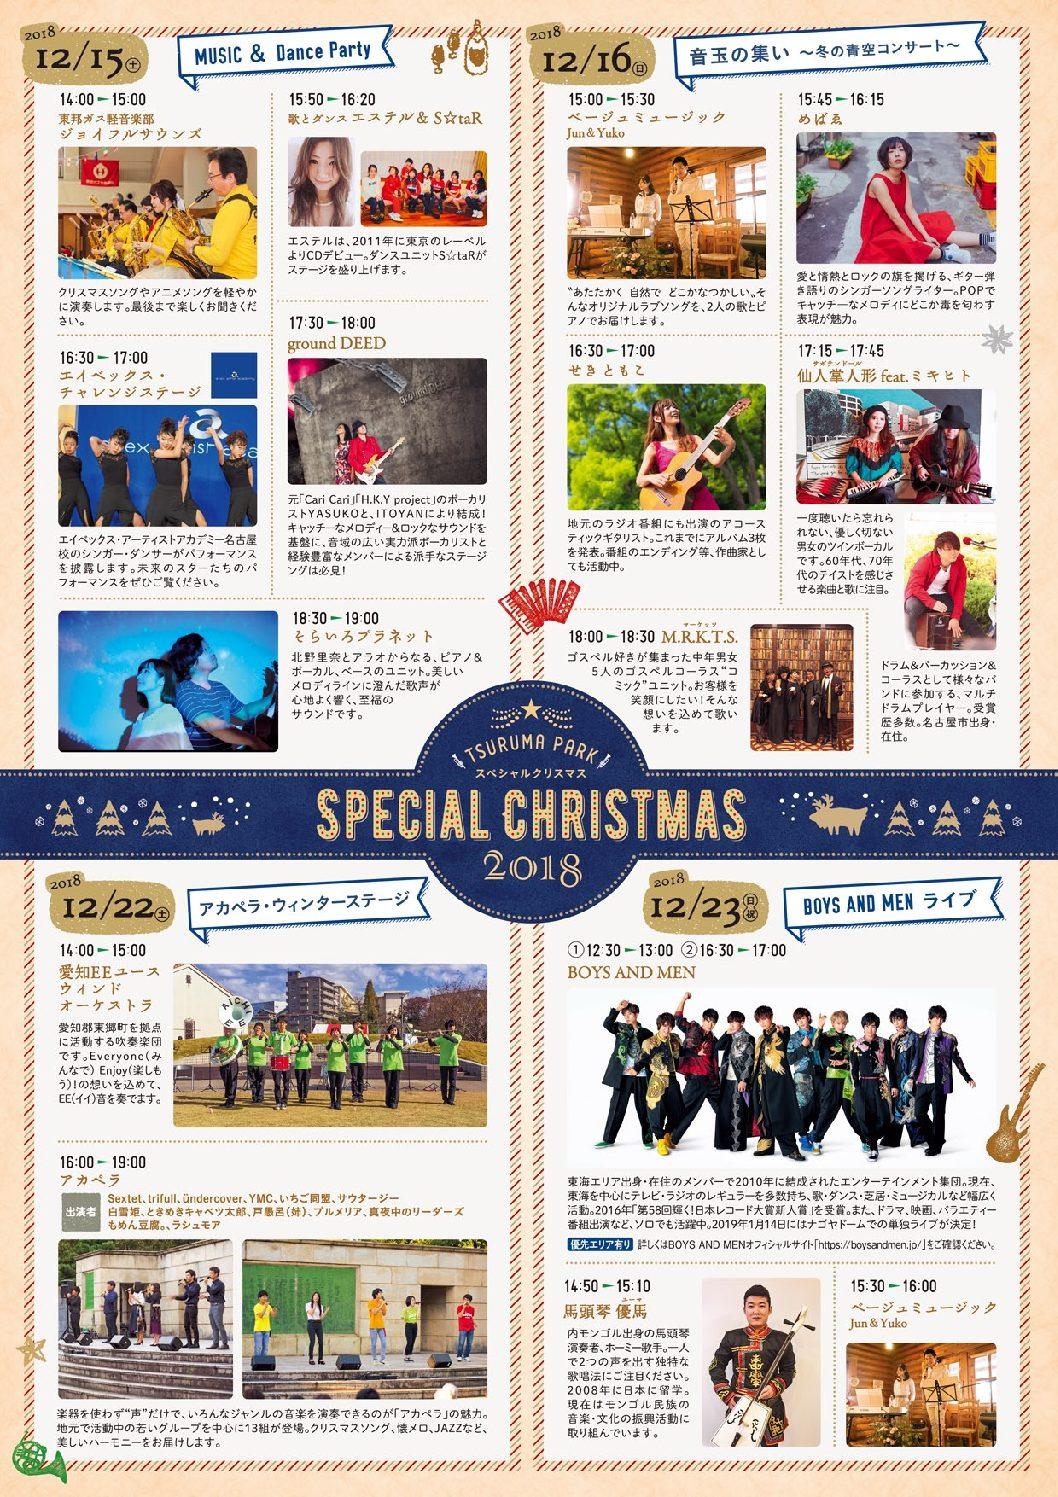 TSURUMA PARK  SPECIAL CHRISTMAS